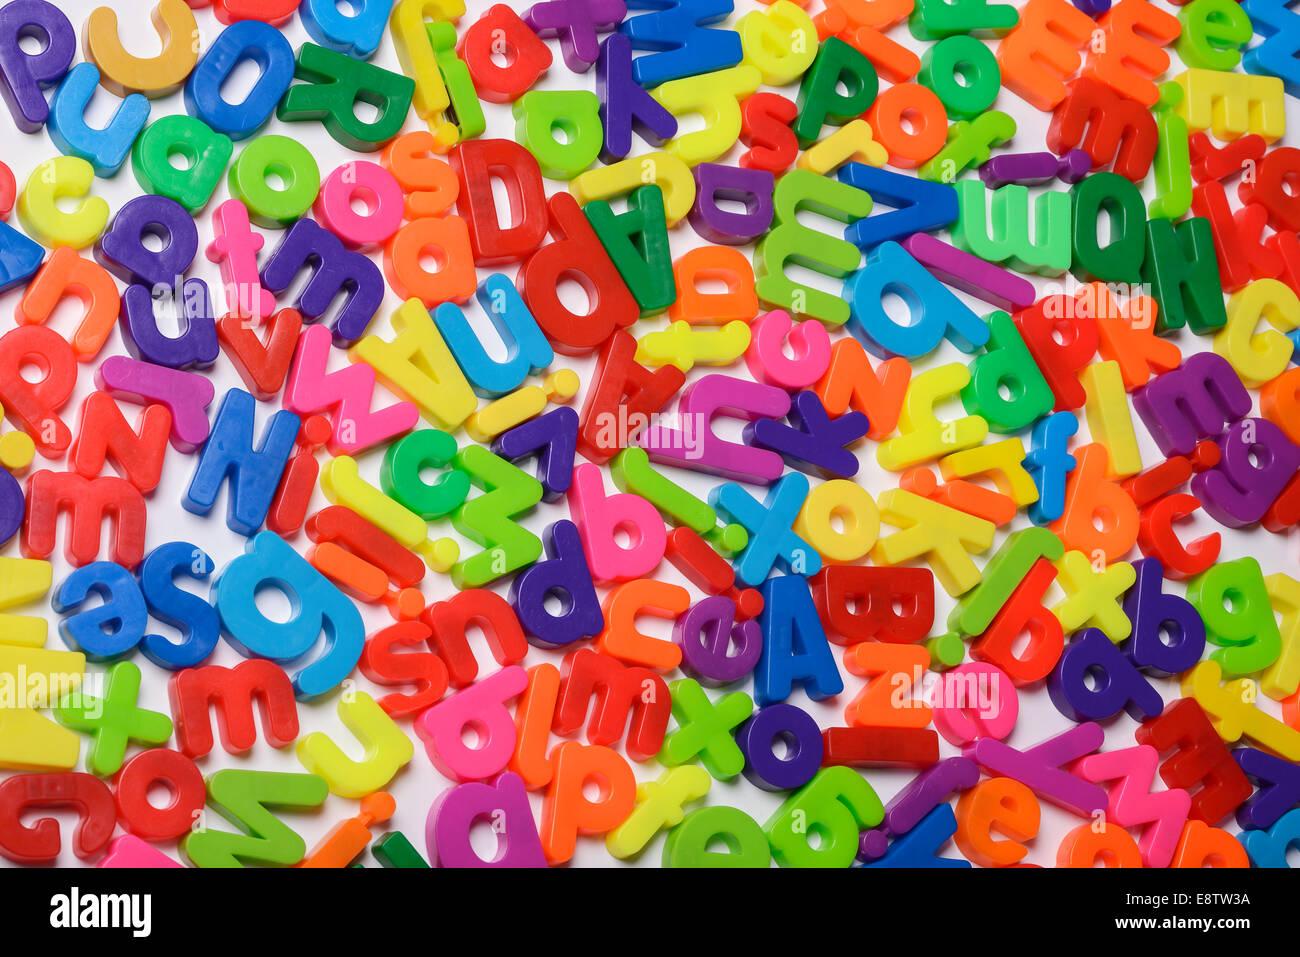 Random magnetic fridge letters - Stock Image